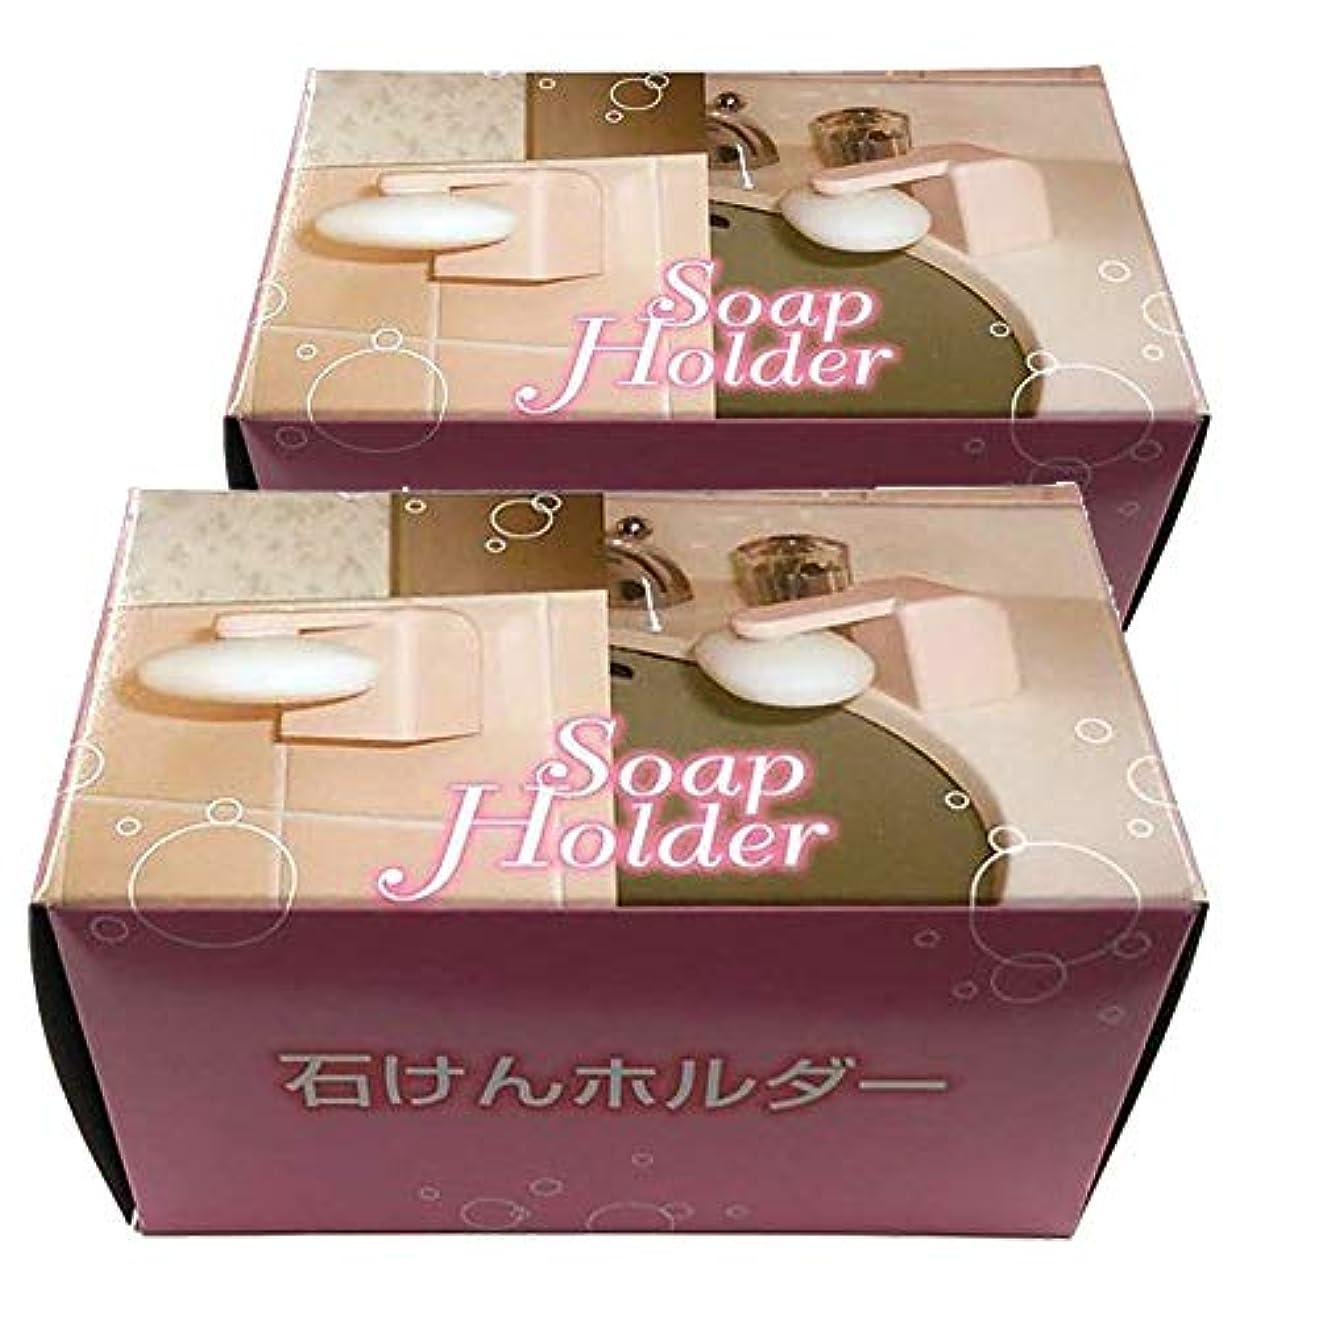 驚き理容師リズムマグネット石けんホルダー(2個セット) 石鹸が溶けないホルダー